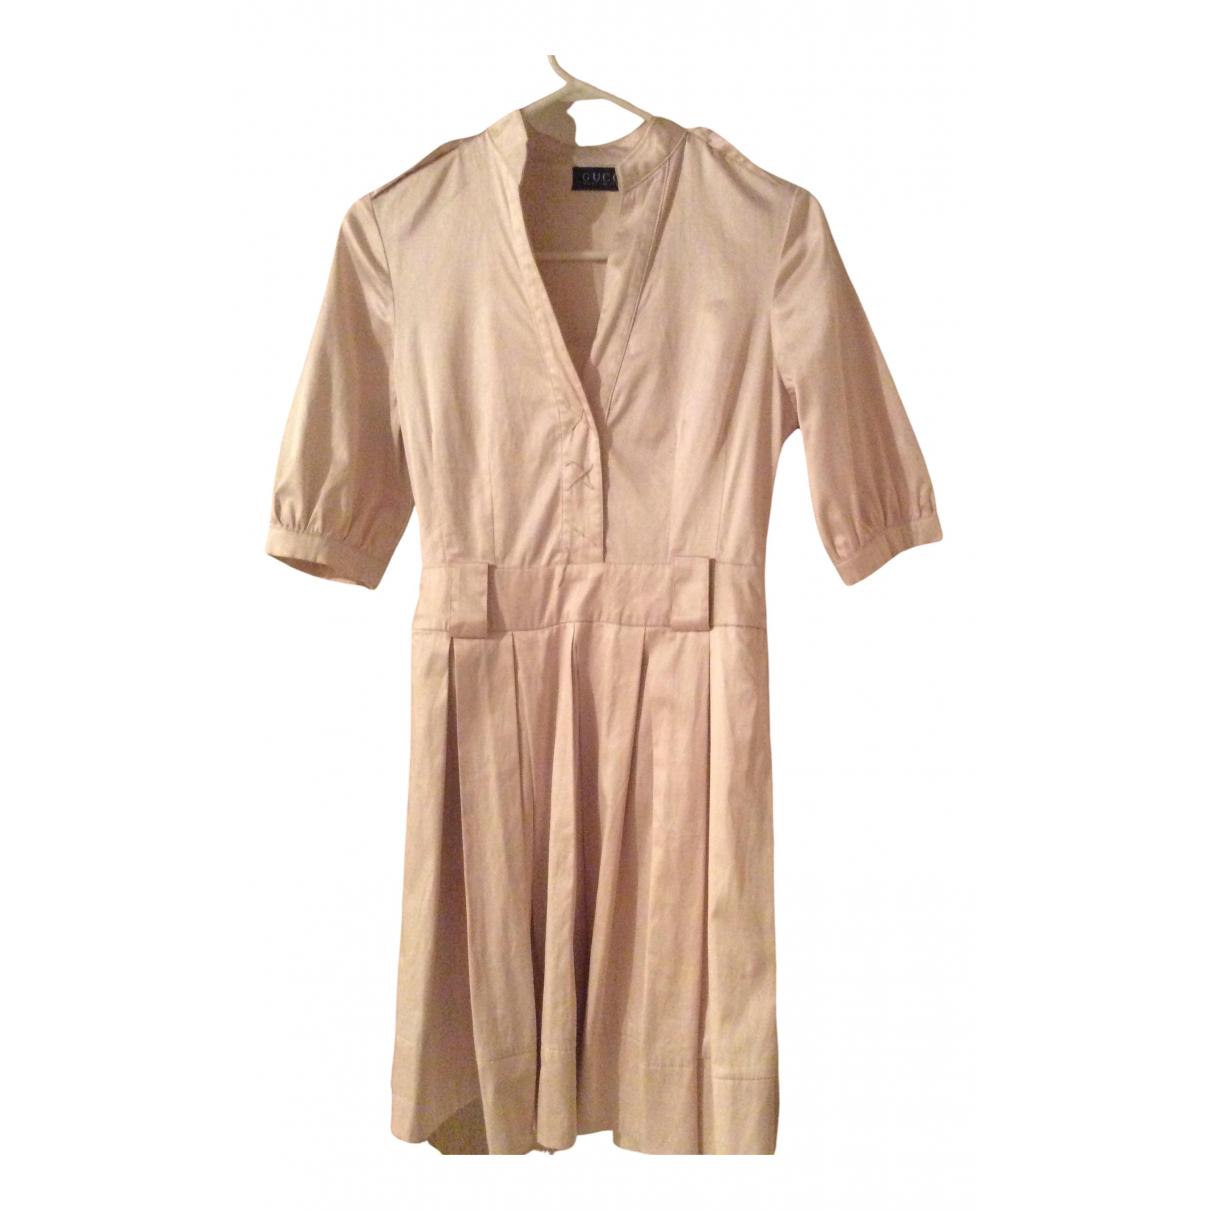 Gucci \N Kleid in  Beige Samt